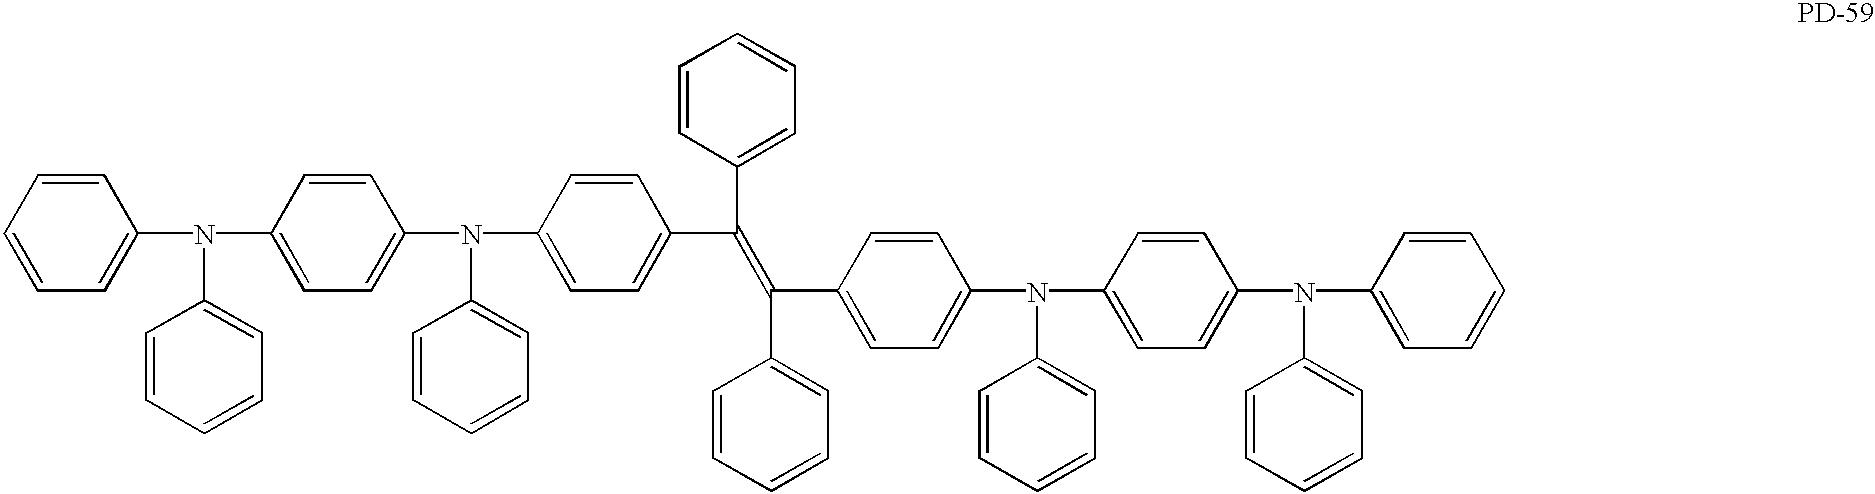 Figure US06541129-20030401-C00020